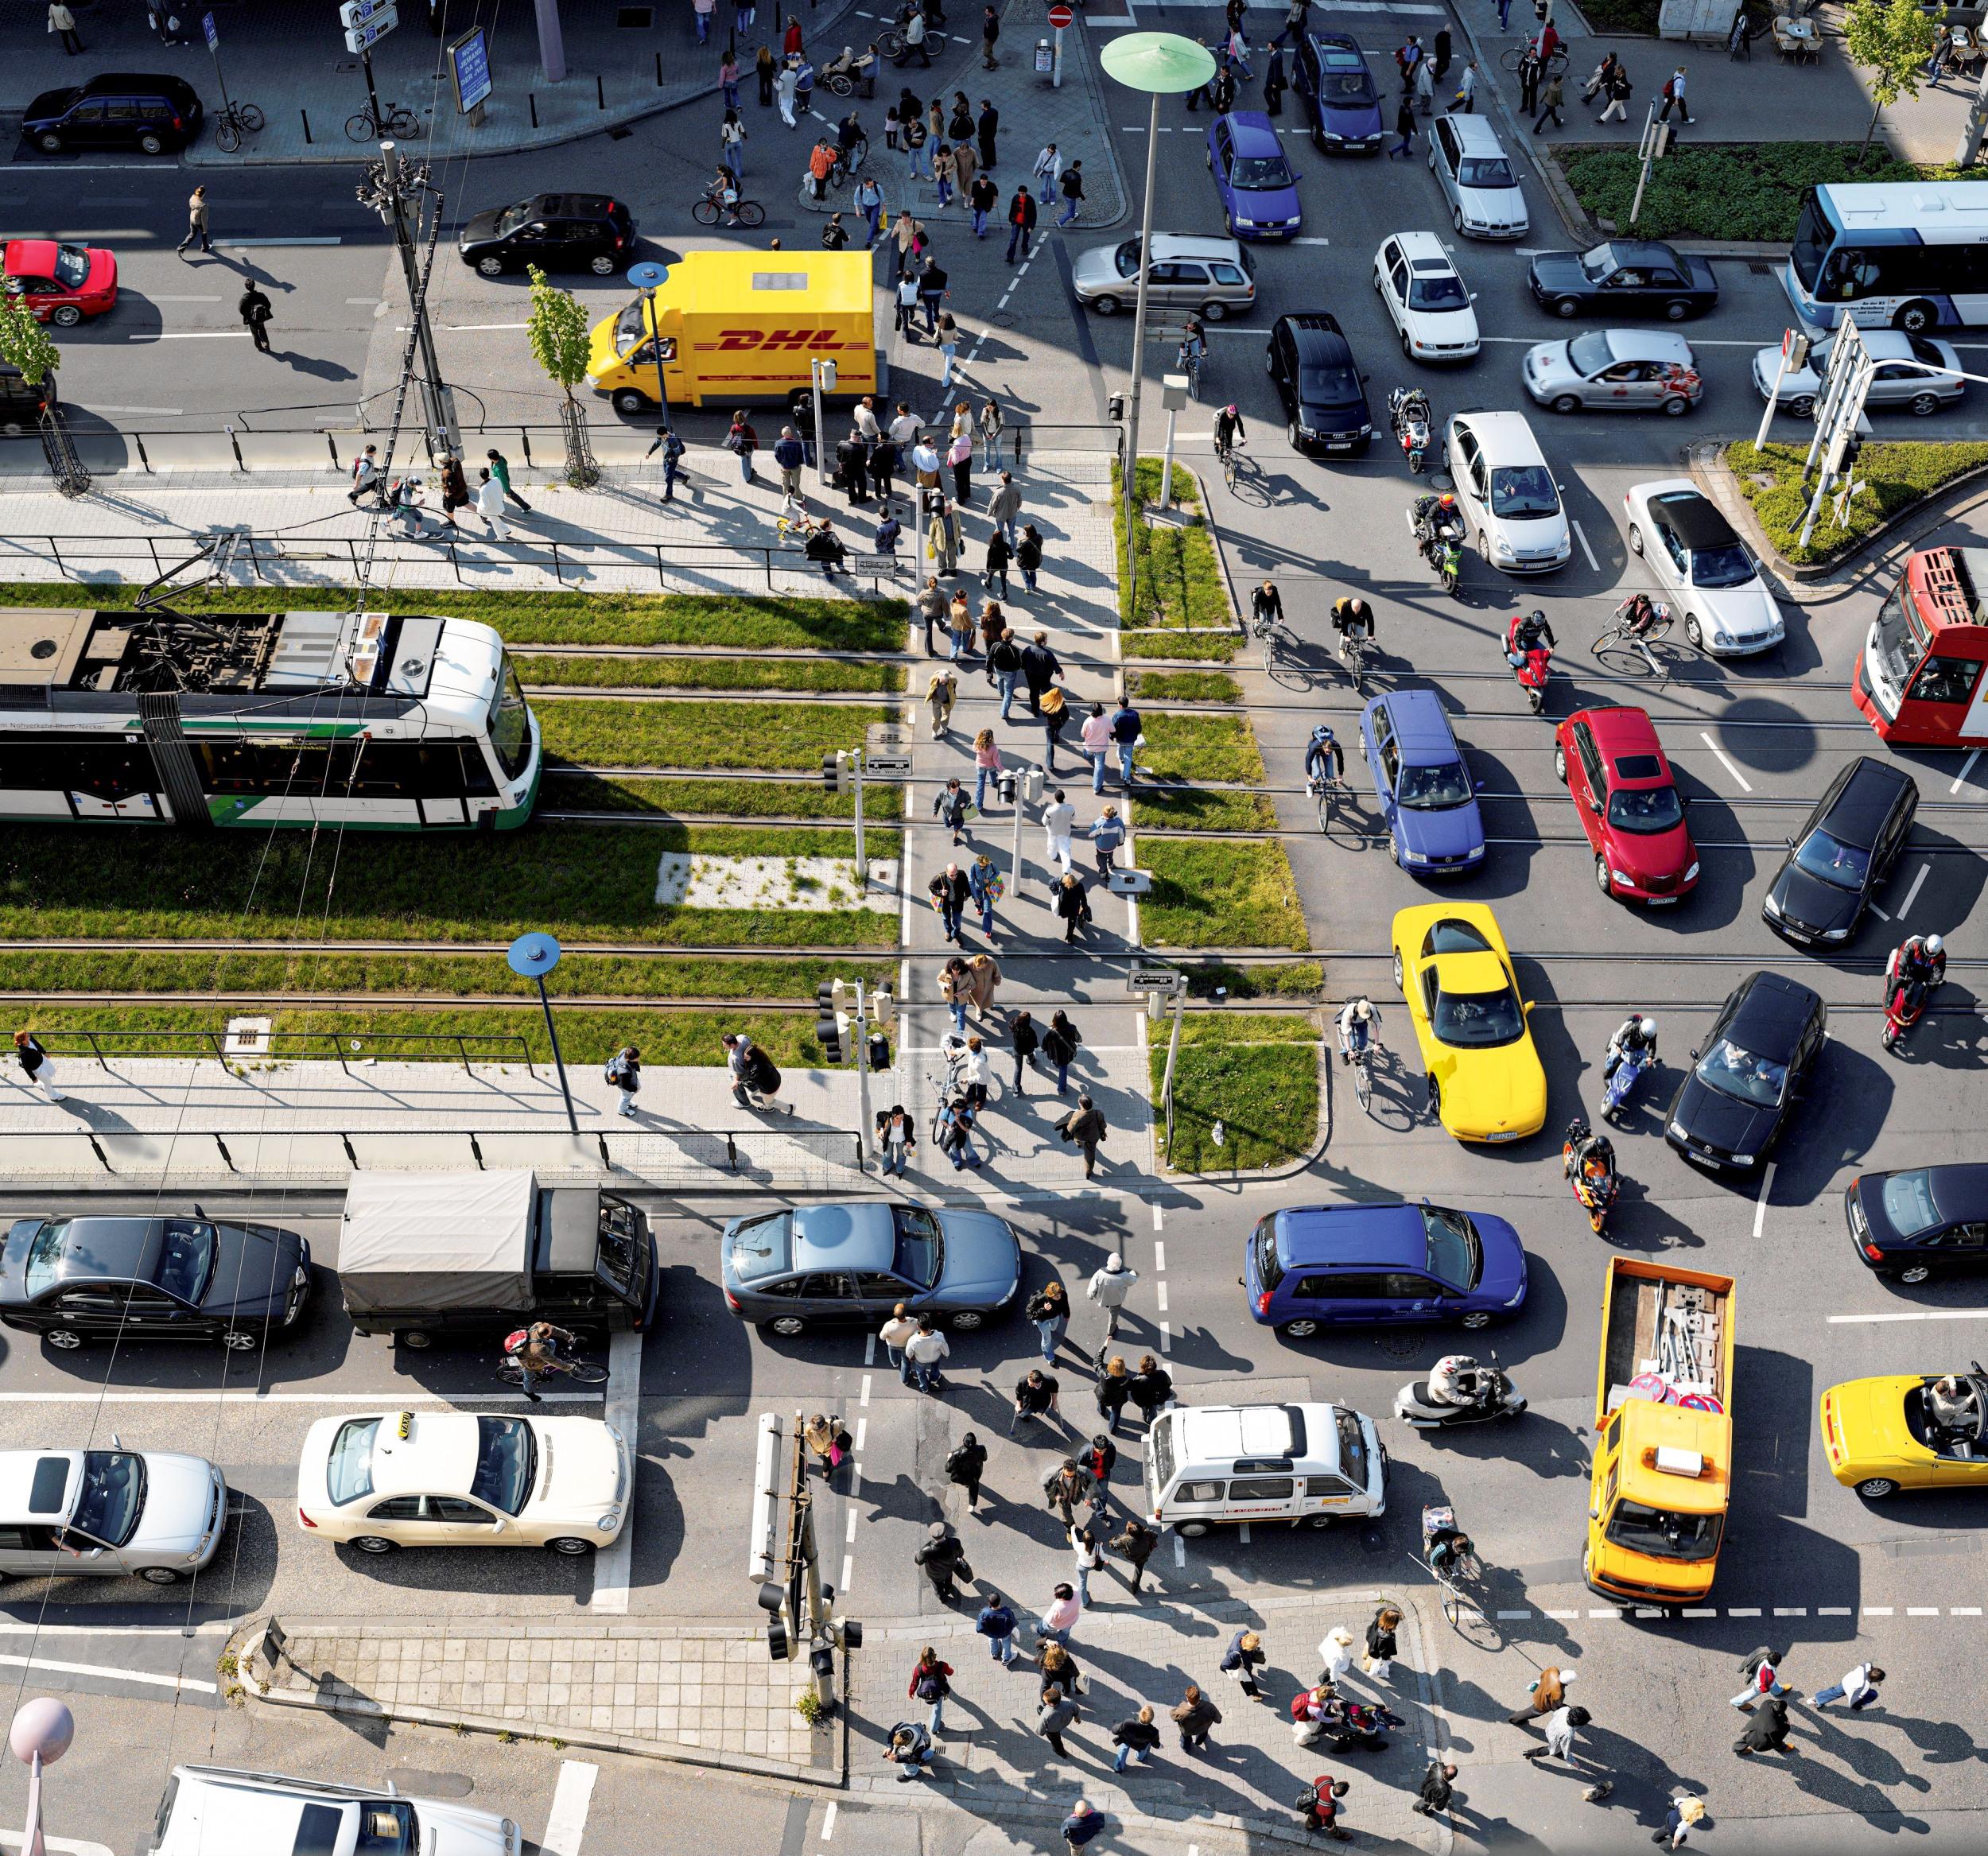 MENGENLEHRE Eine Kreuzung am Mannheimer Kaiserring: jede*r gegen jeden. In vielen Städten sehnt man sich nach autofreien Zonen, in denen Fußgänger und Radfahrer sich nicht mehr durch die stetig wachsende Masse aus Blech und schlechter Laune kämpfen müssen